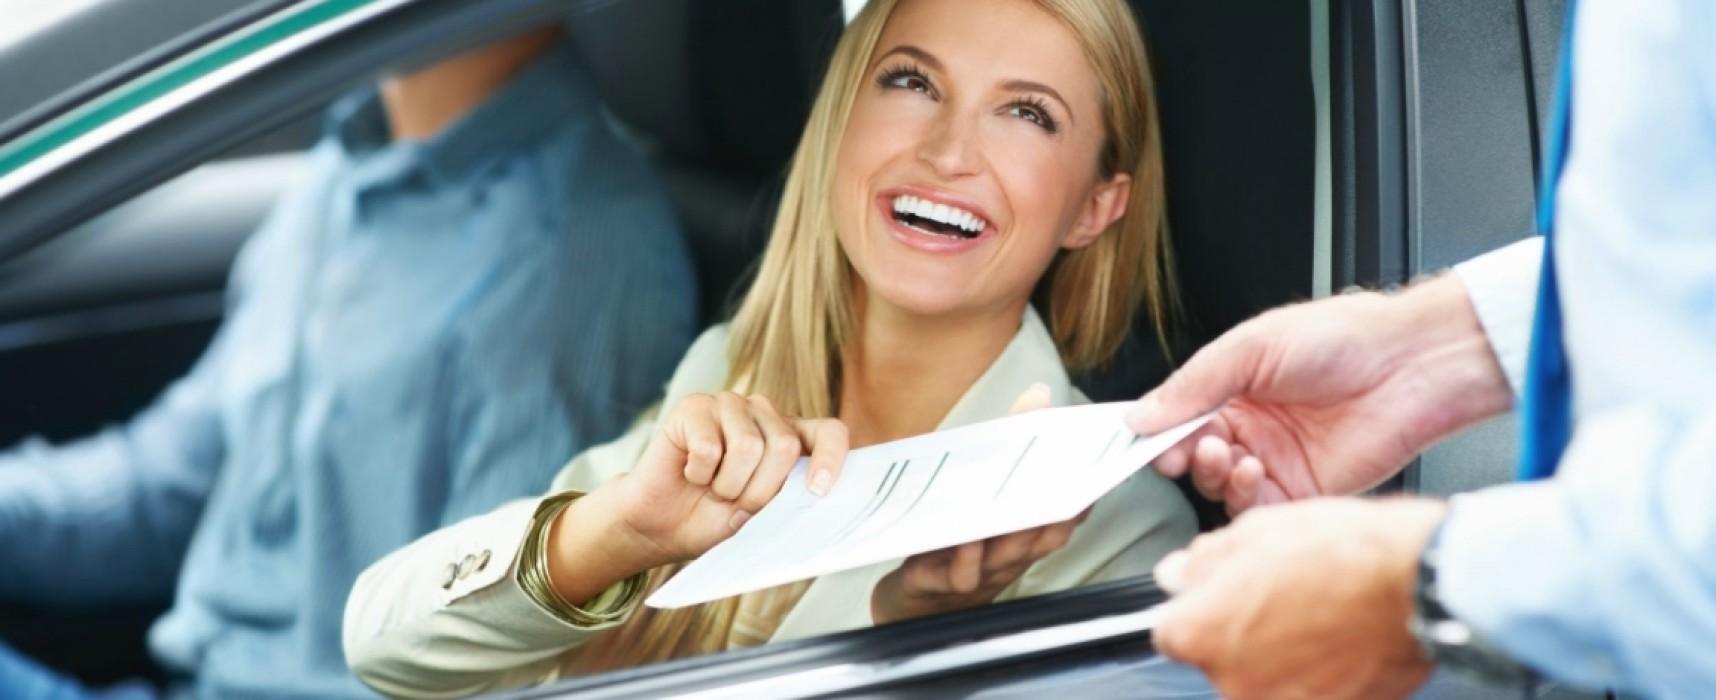 Командировка на личном транспорте: какие документы?